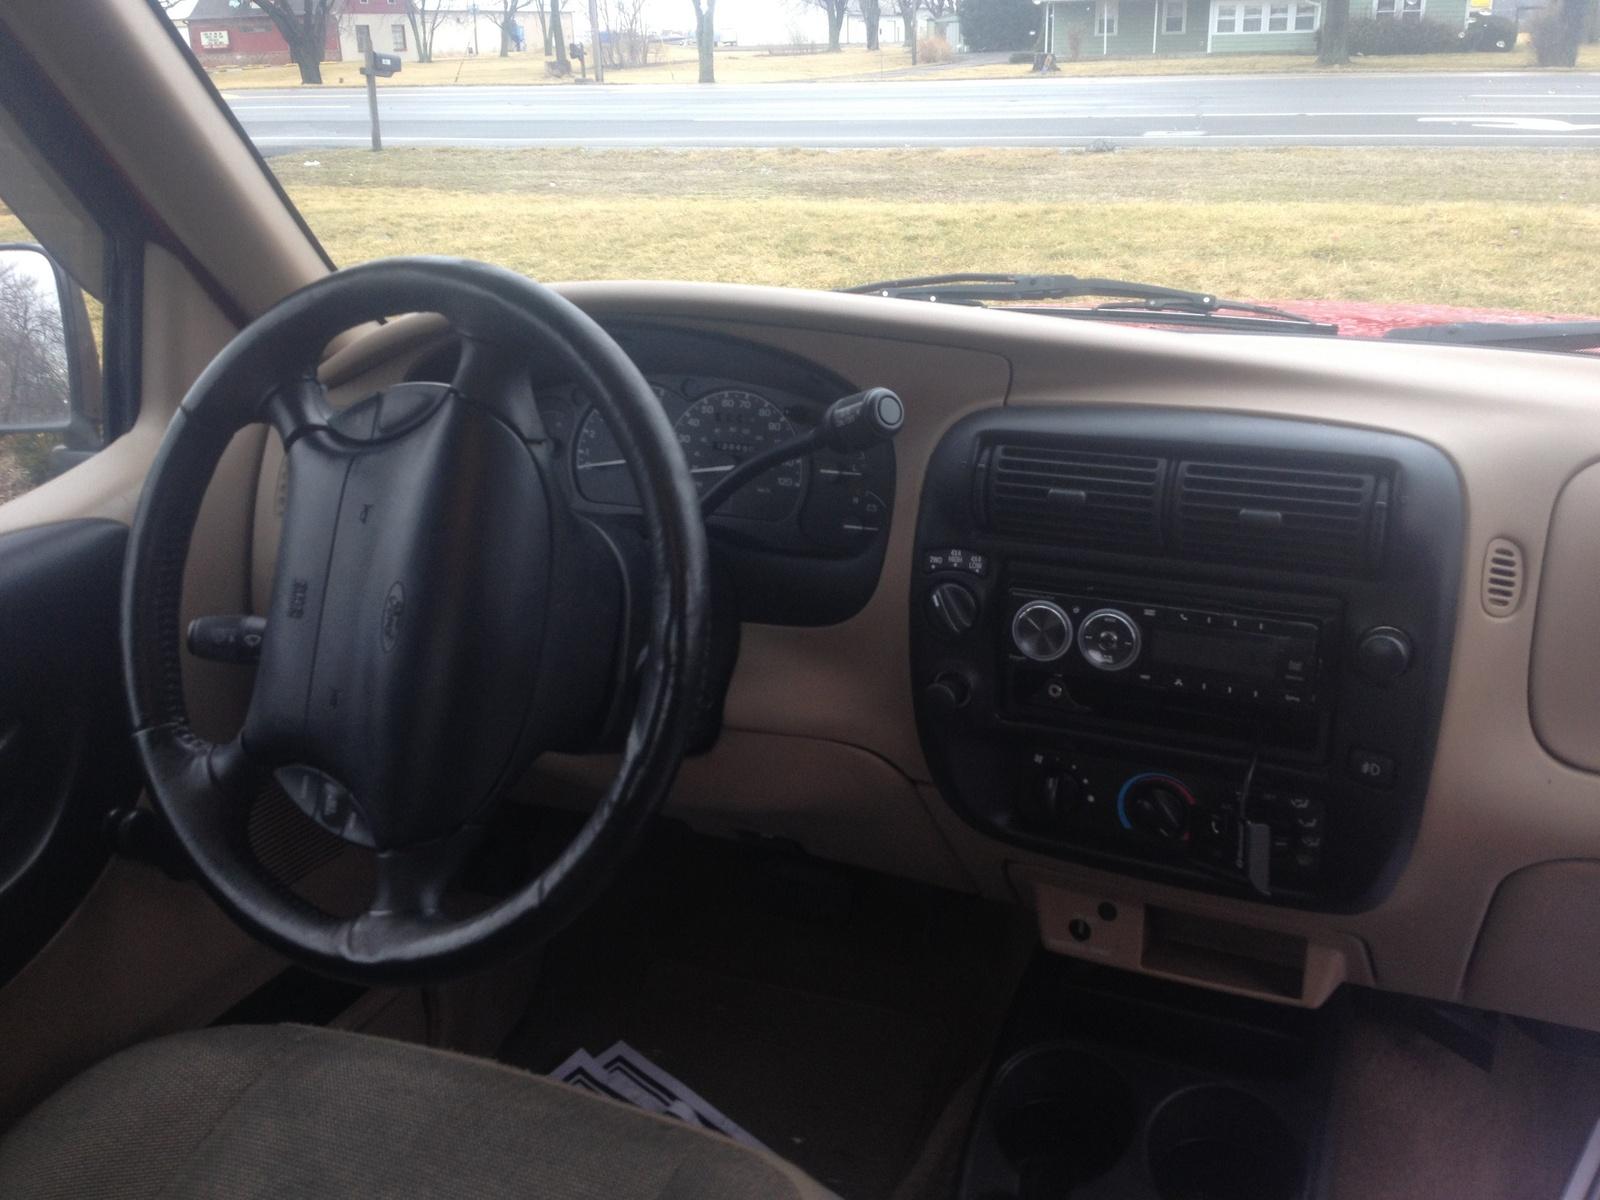 2000 Ford Ranger Interior Pictures Cargurus